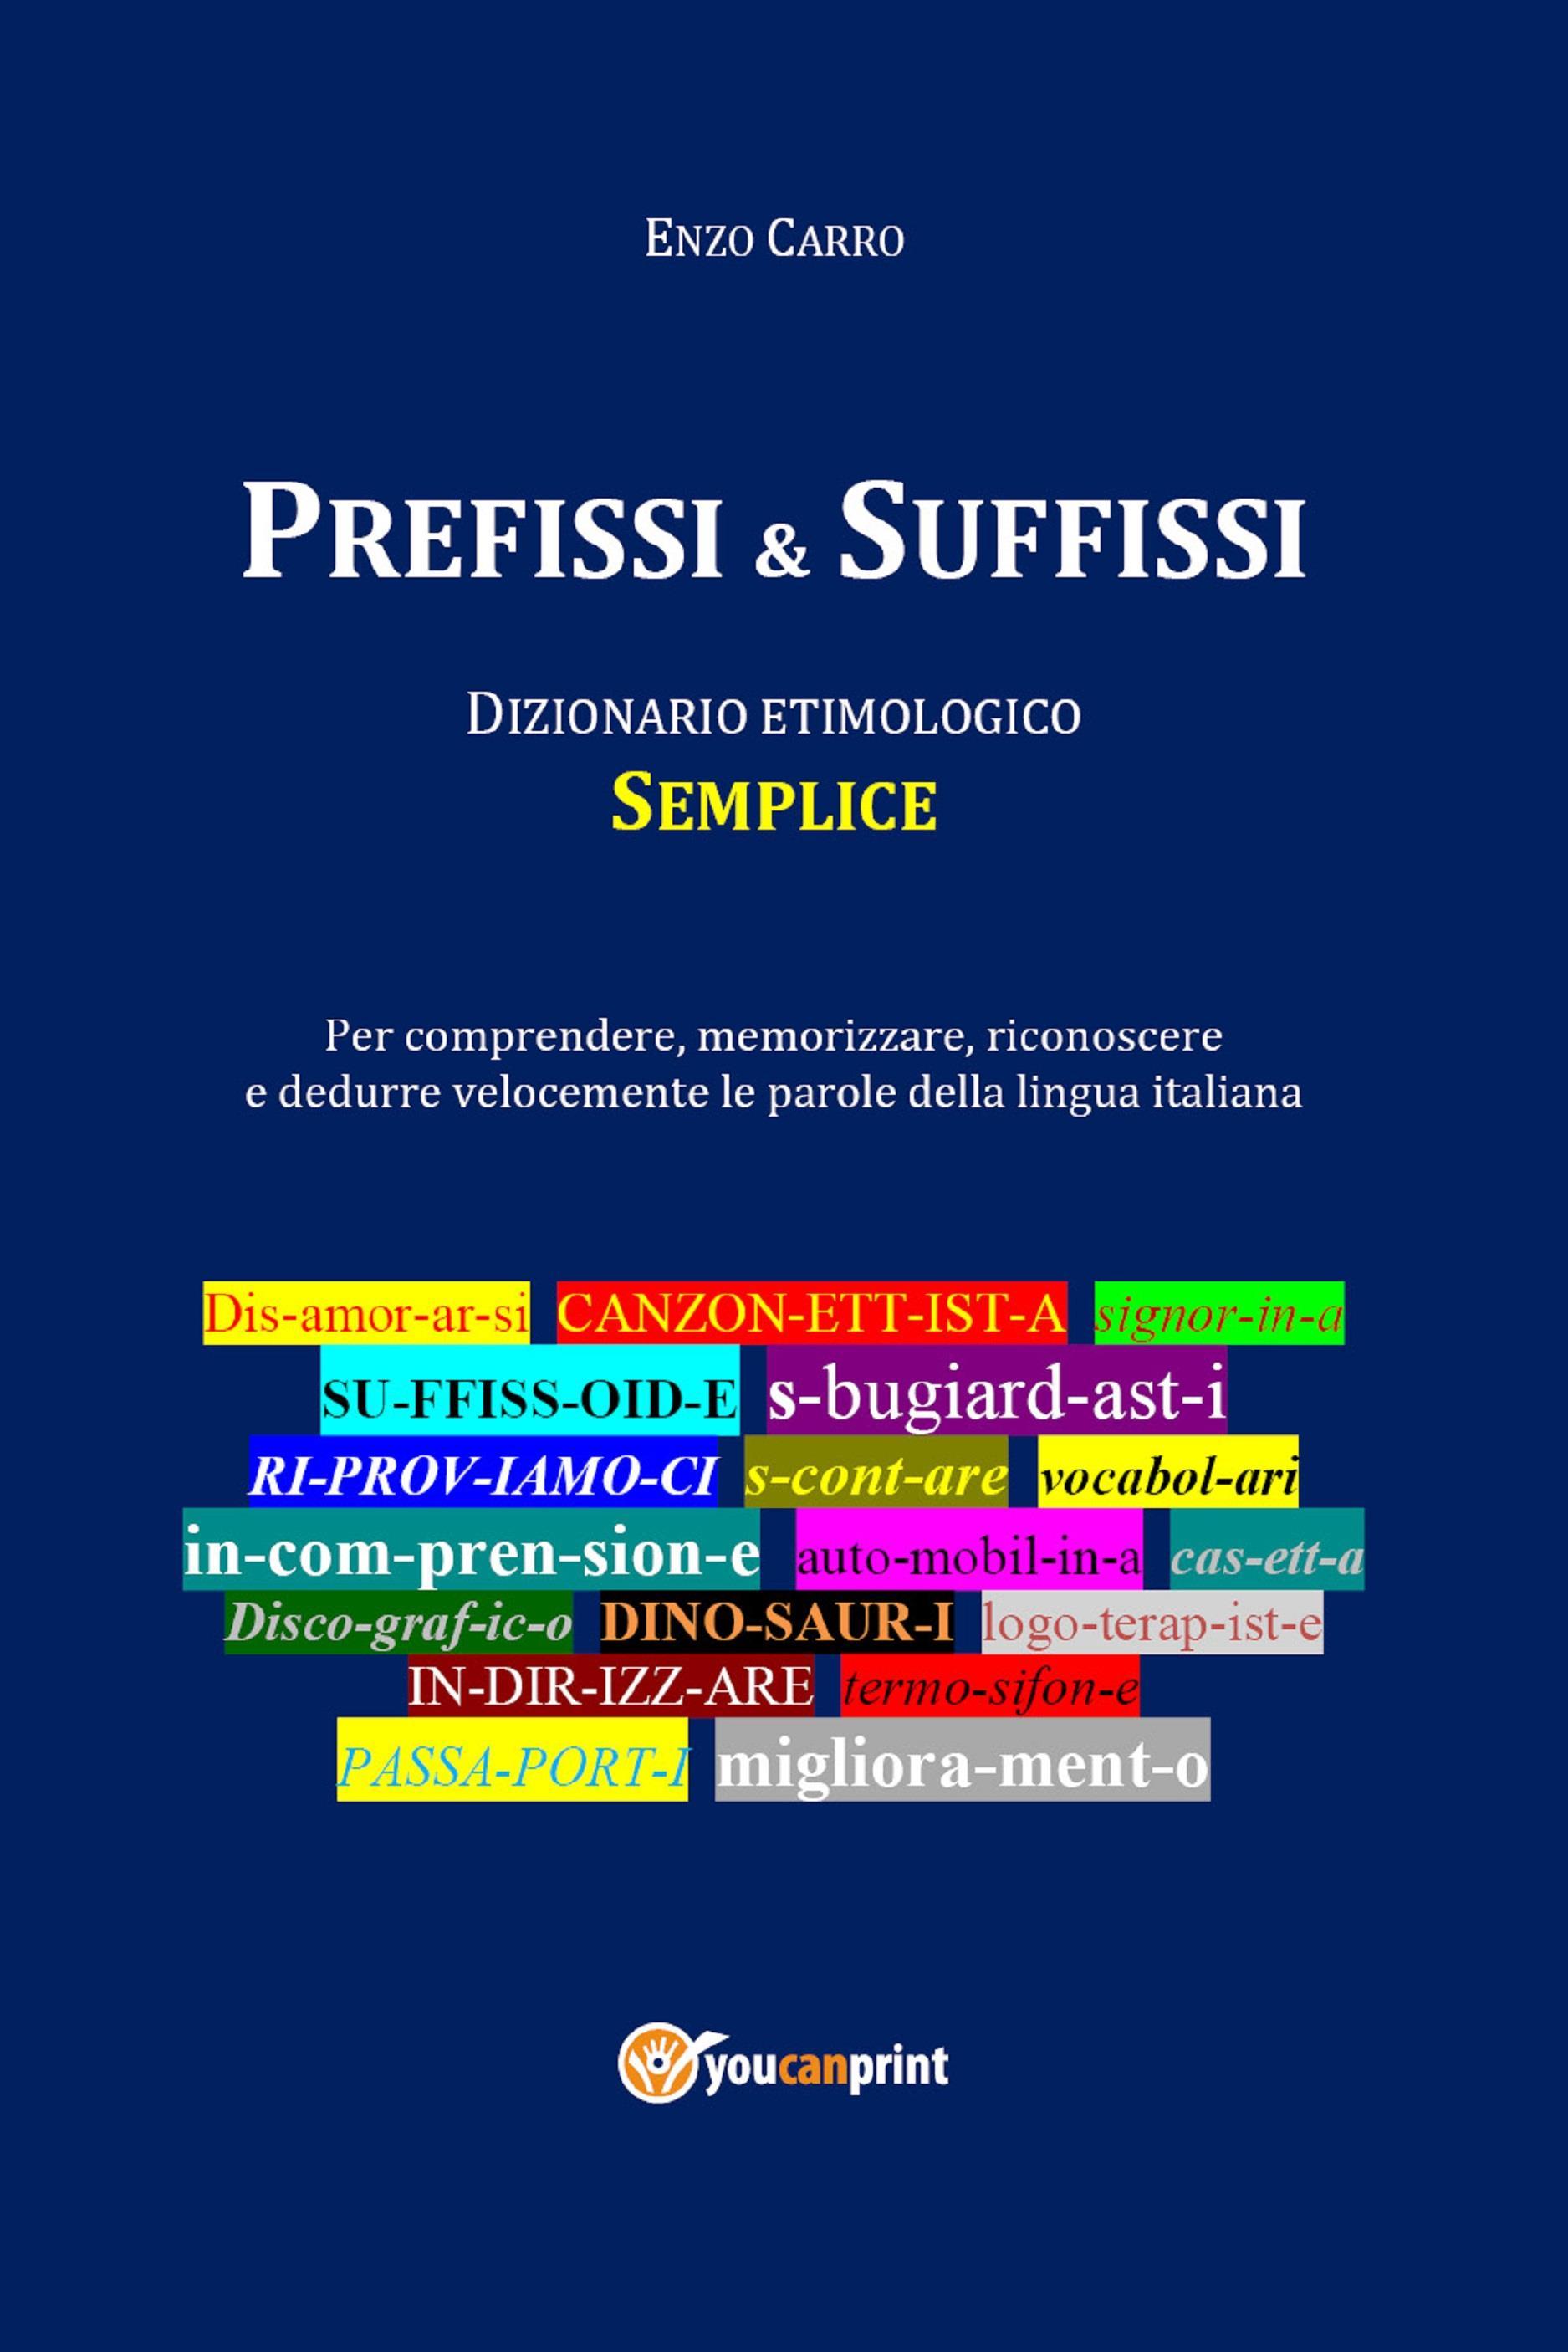 Prefissi & Suffissi